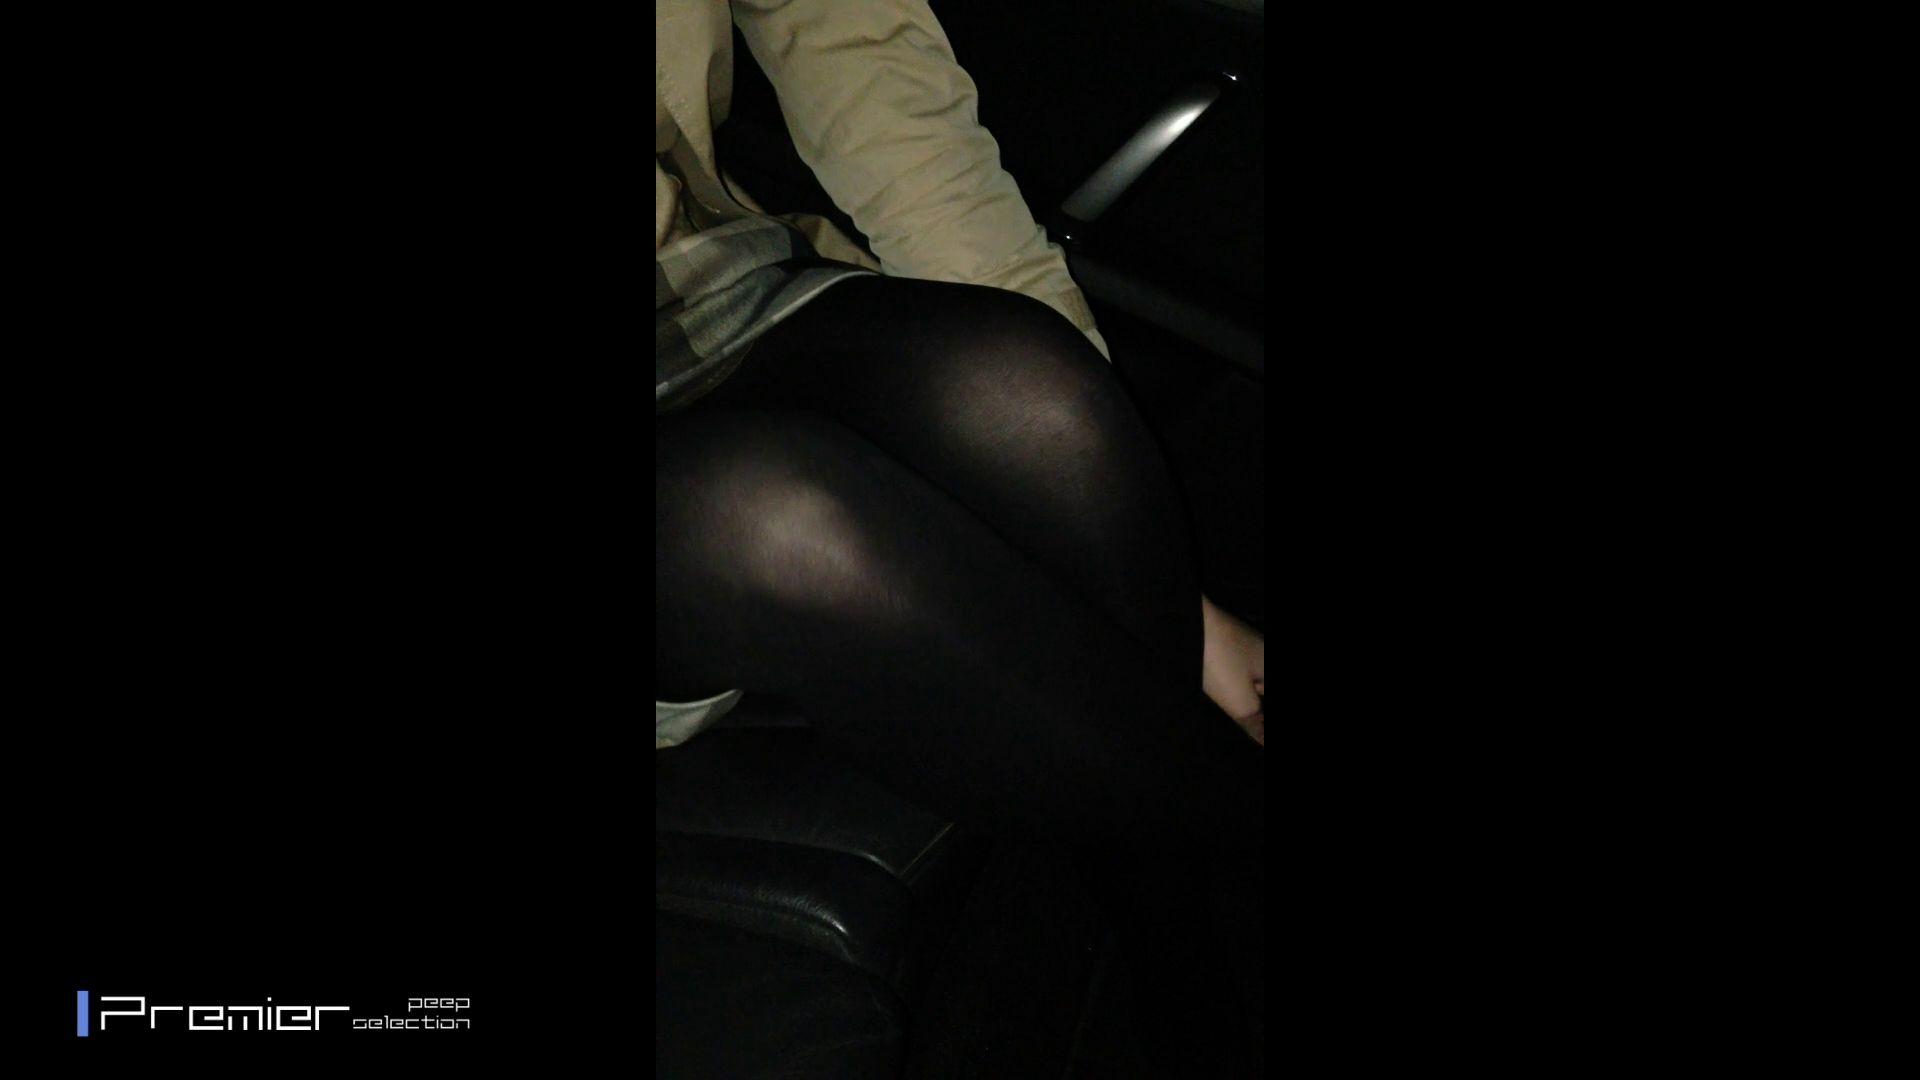 【ガチ交渉】20 歳の清楚系女子大生のアソコを弄る 潜入エロ調査   女子大生達のヌード  94連発 26